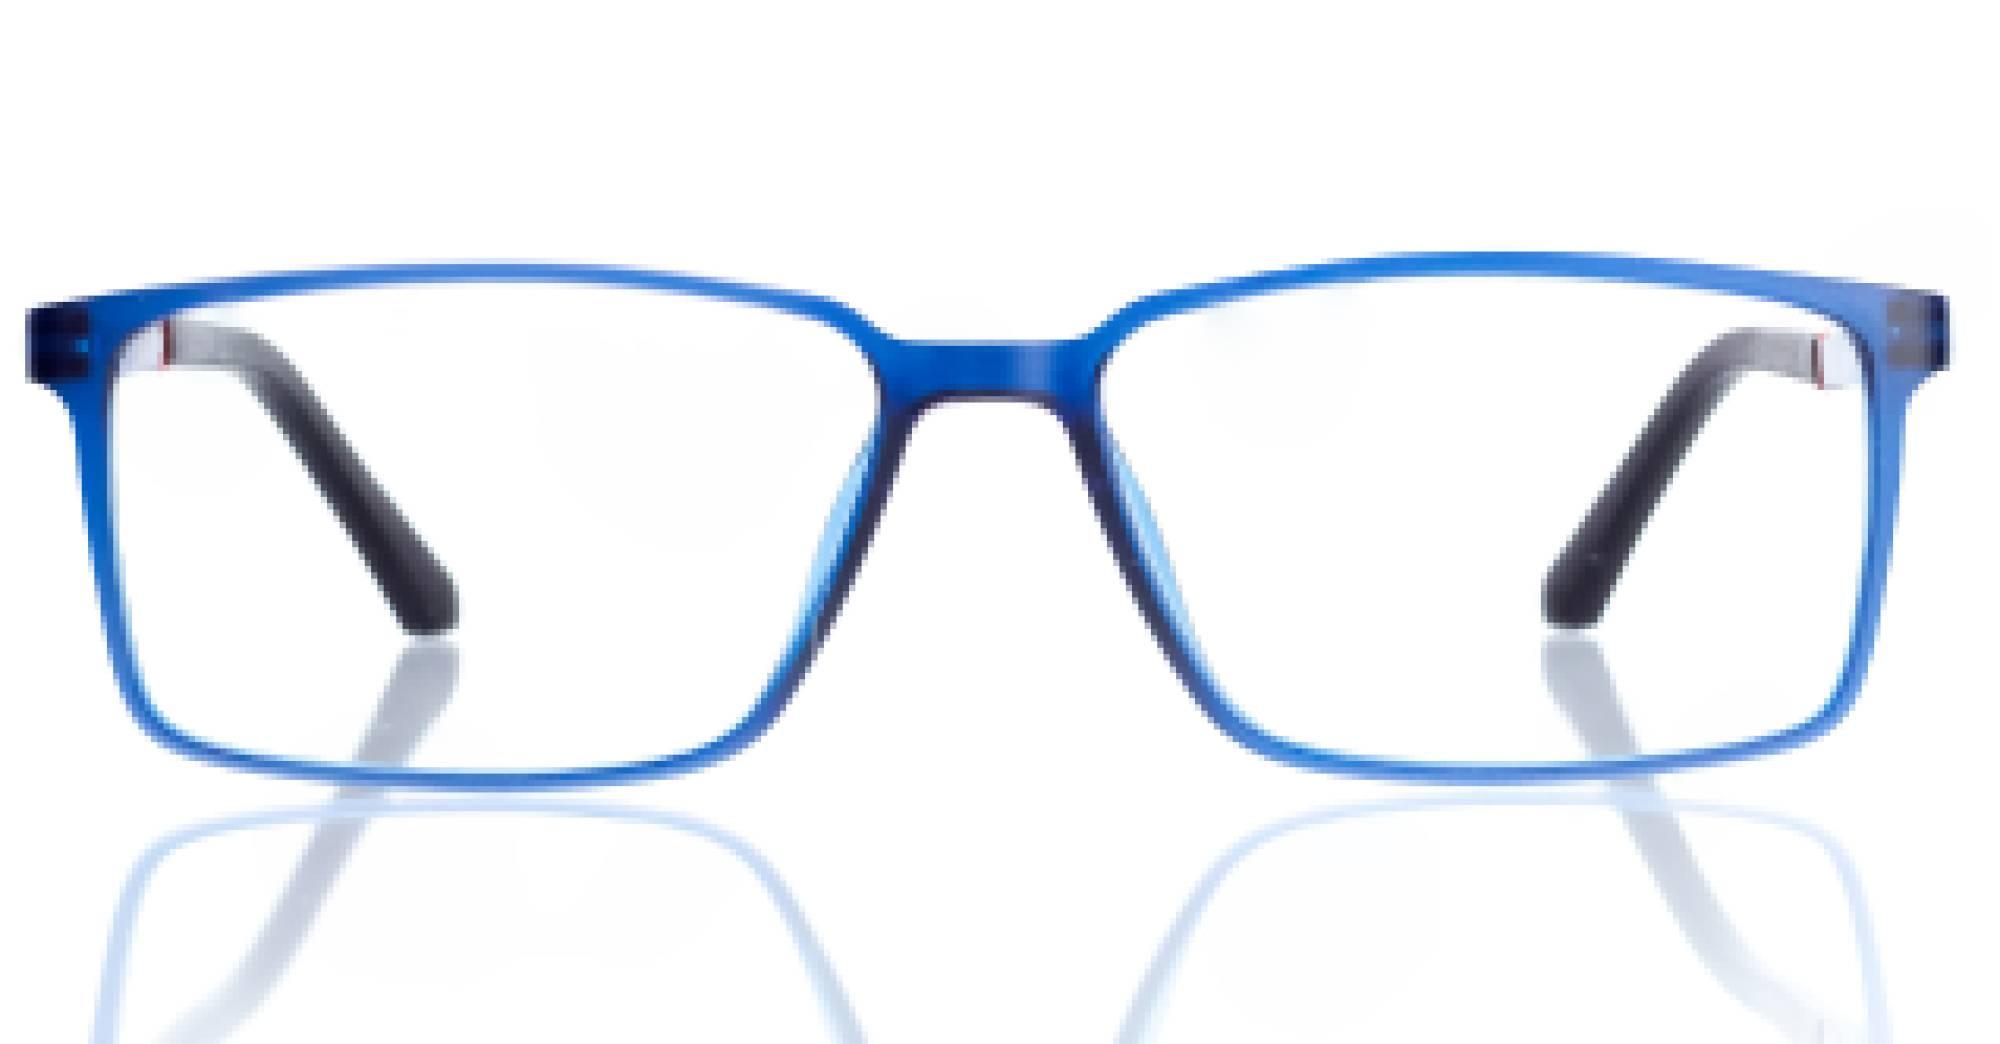 imagen miniatura frontal de la referencia 1001992